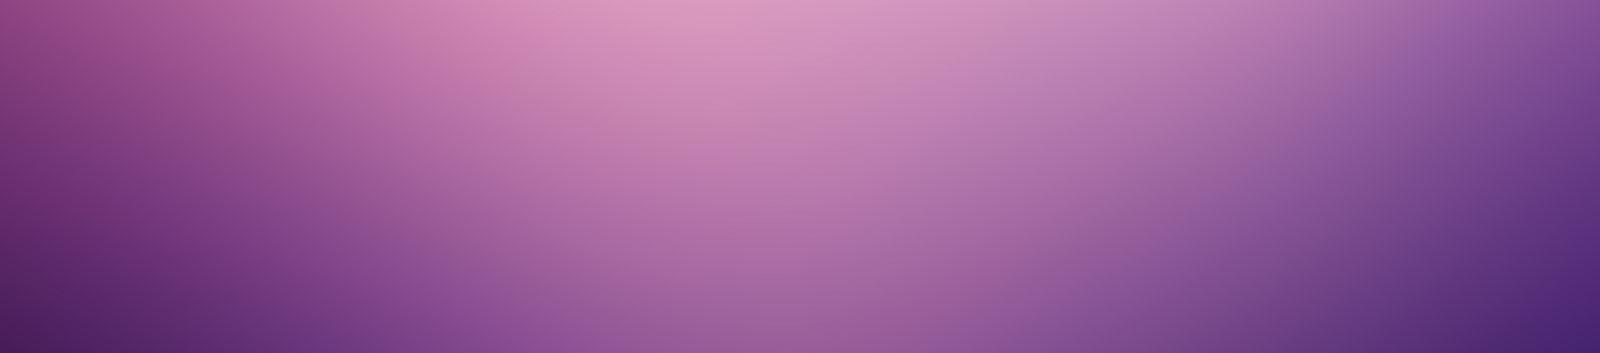 pink gradient header